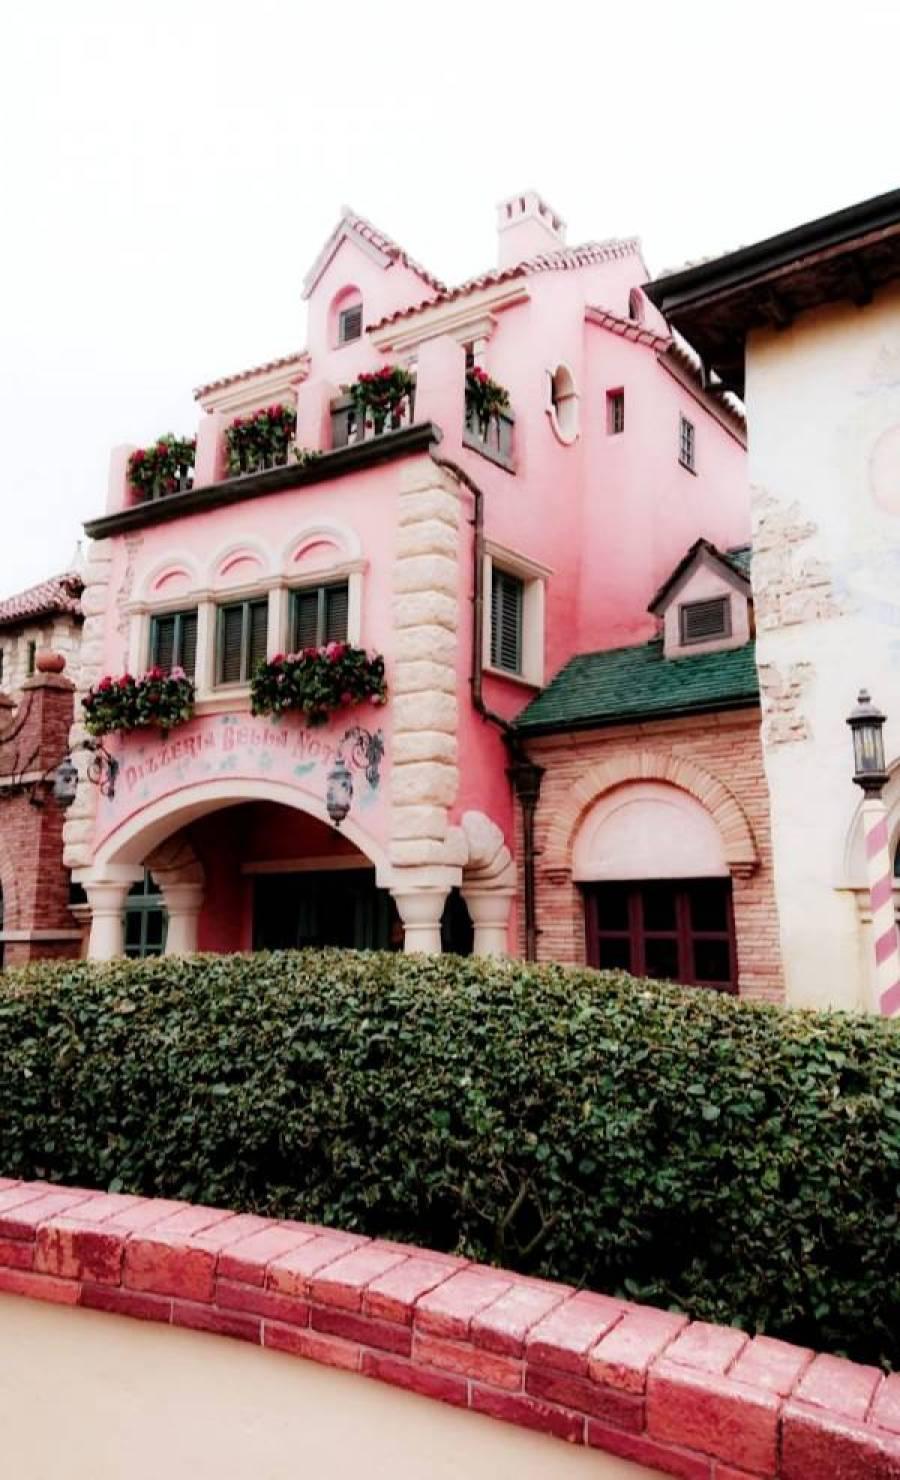 BeautyPlus 20190322100234246 save 01 - Een weekend sprookjes en magie bij Disneyland Parijs